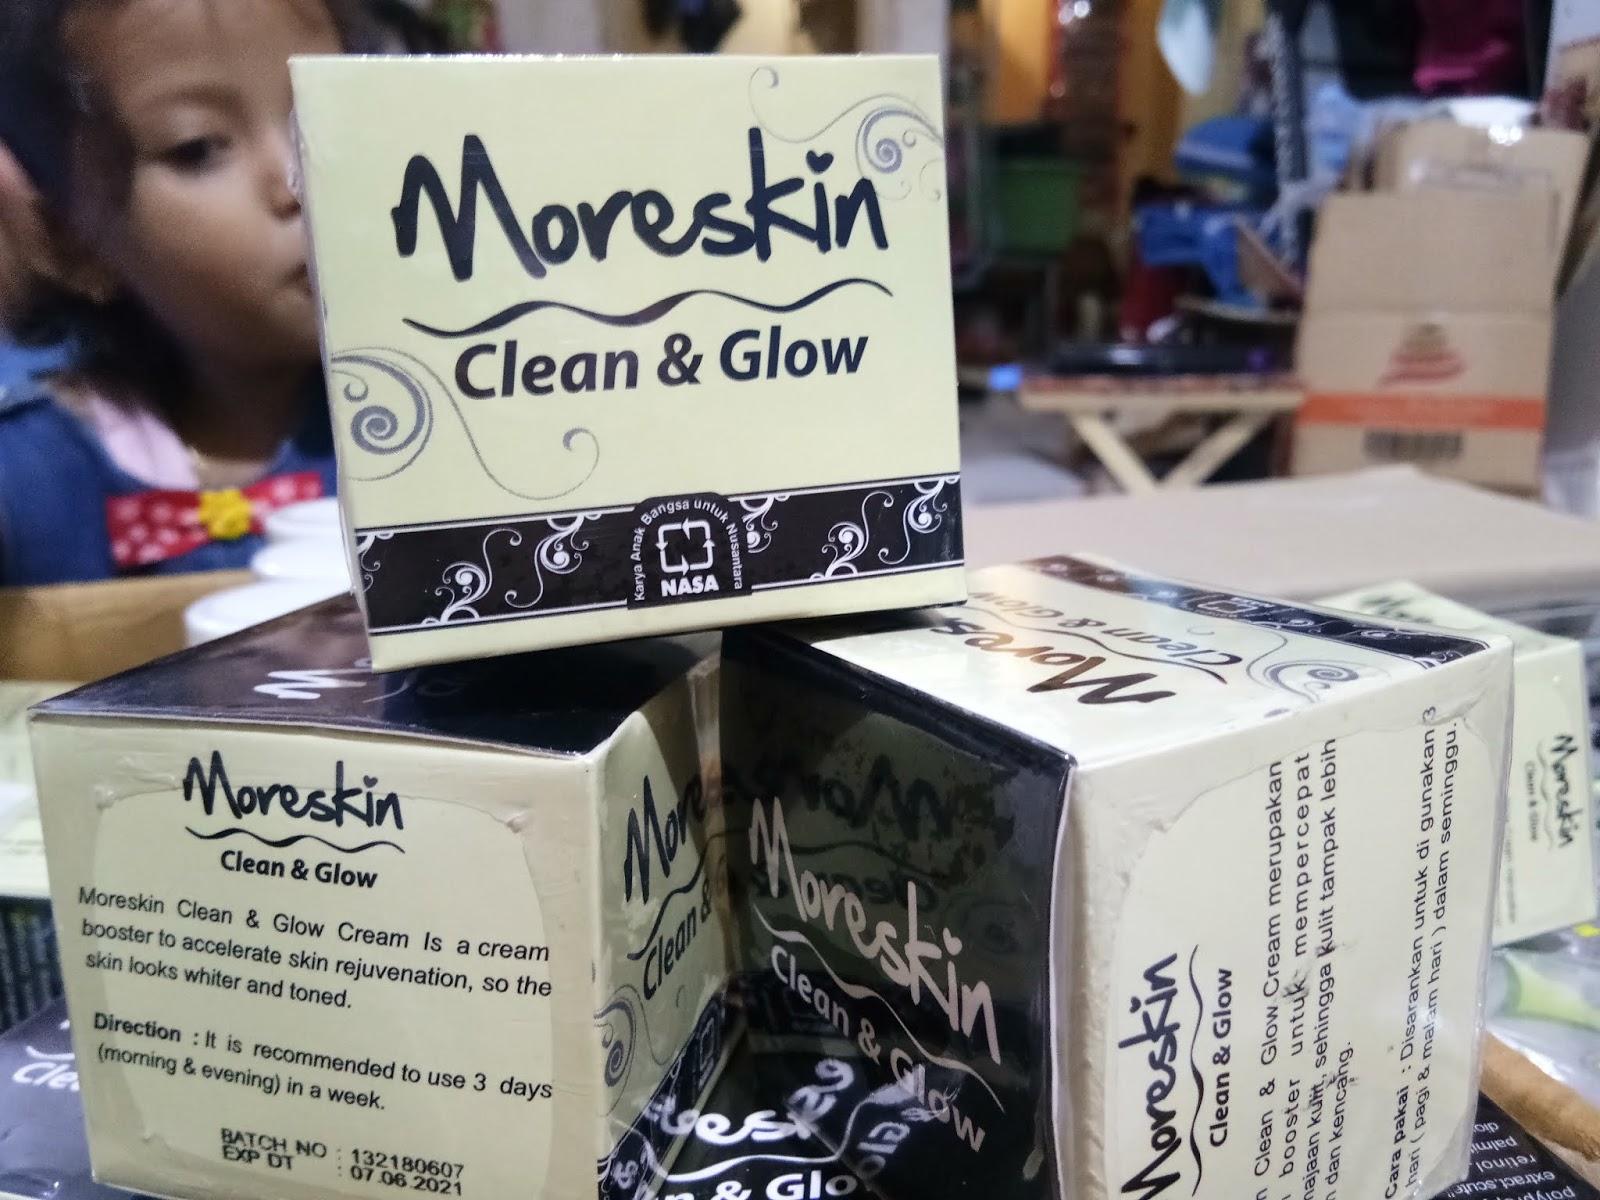 Rahasia Wajah Cerah Alami Dengan Clean And Glow Nasa Moreskin Cream Merupakan Booster Yang Dapat Mempercepat Peremajaan Kulit Sehingga Membuat Tampak Lebih Putih Dan